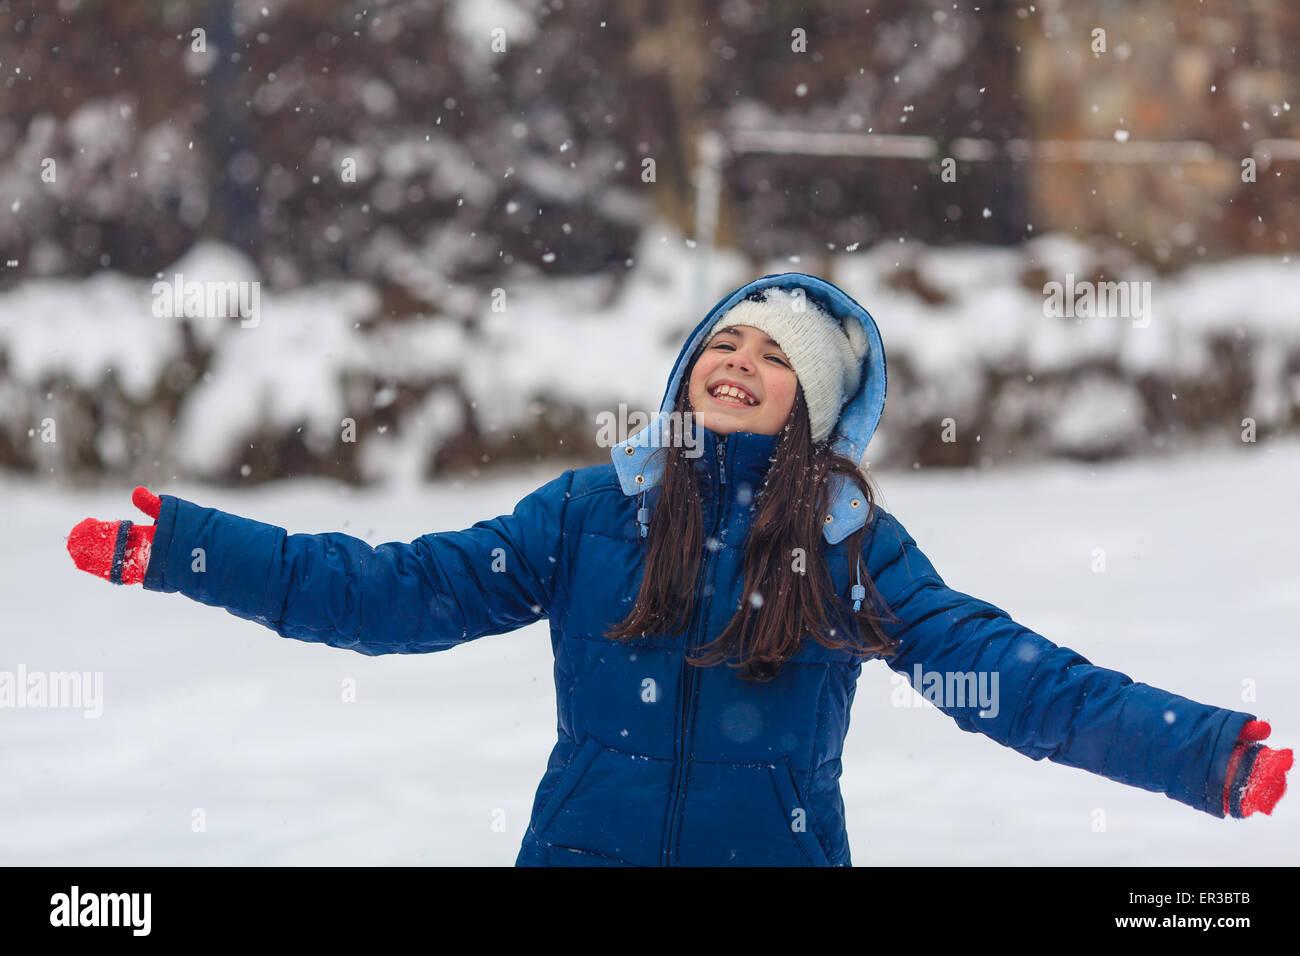 Mädchen mit ausgestreckten Armen spielen im Schnee Stockbild